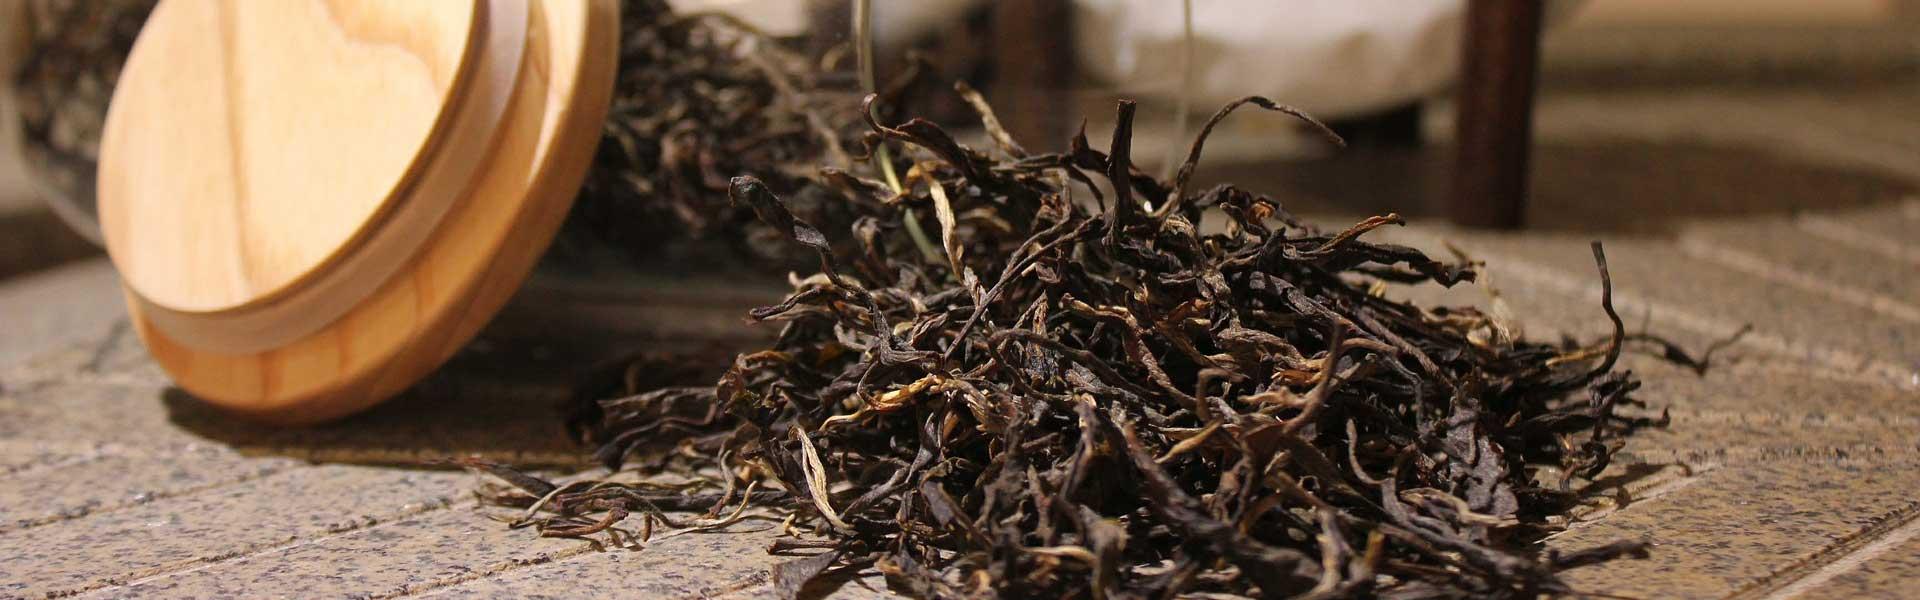 خرید چای شمال ایرانی